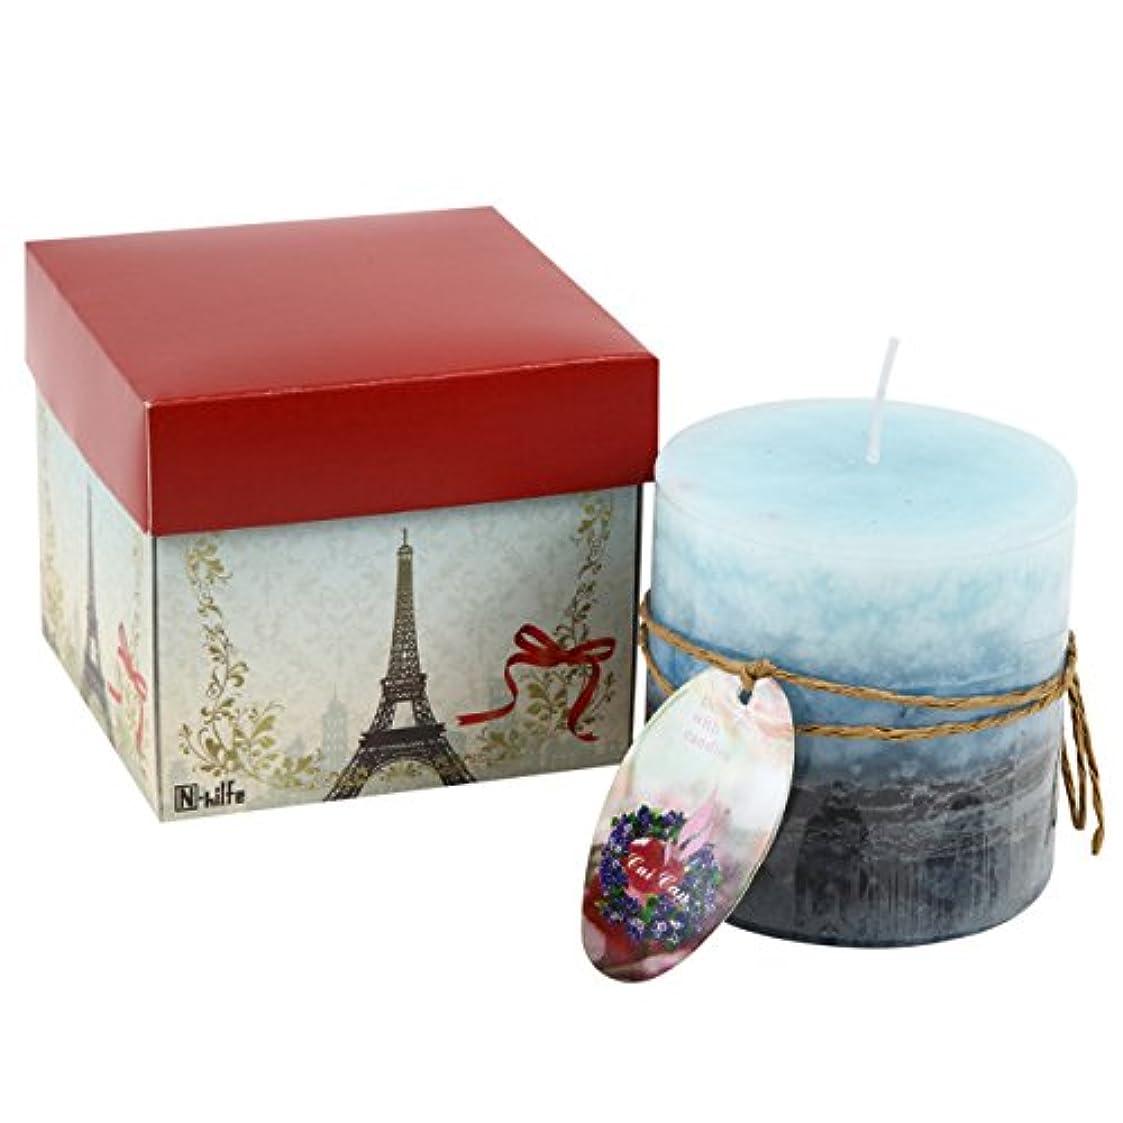 ブレイズヘロイン寝室N-hilfe キャンドル 7.5x7.5cm 蝋燭 アロマキャンドル (ビーチ,青)